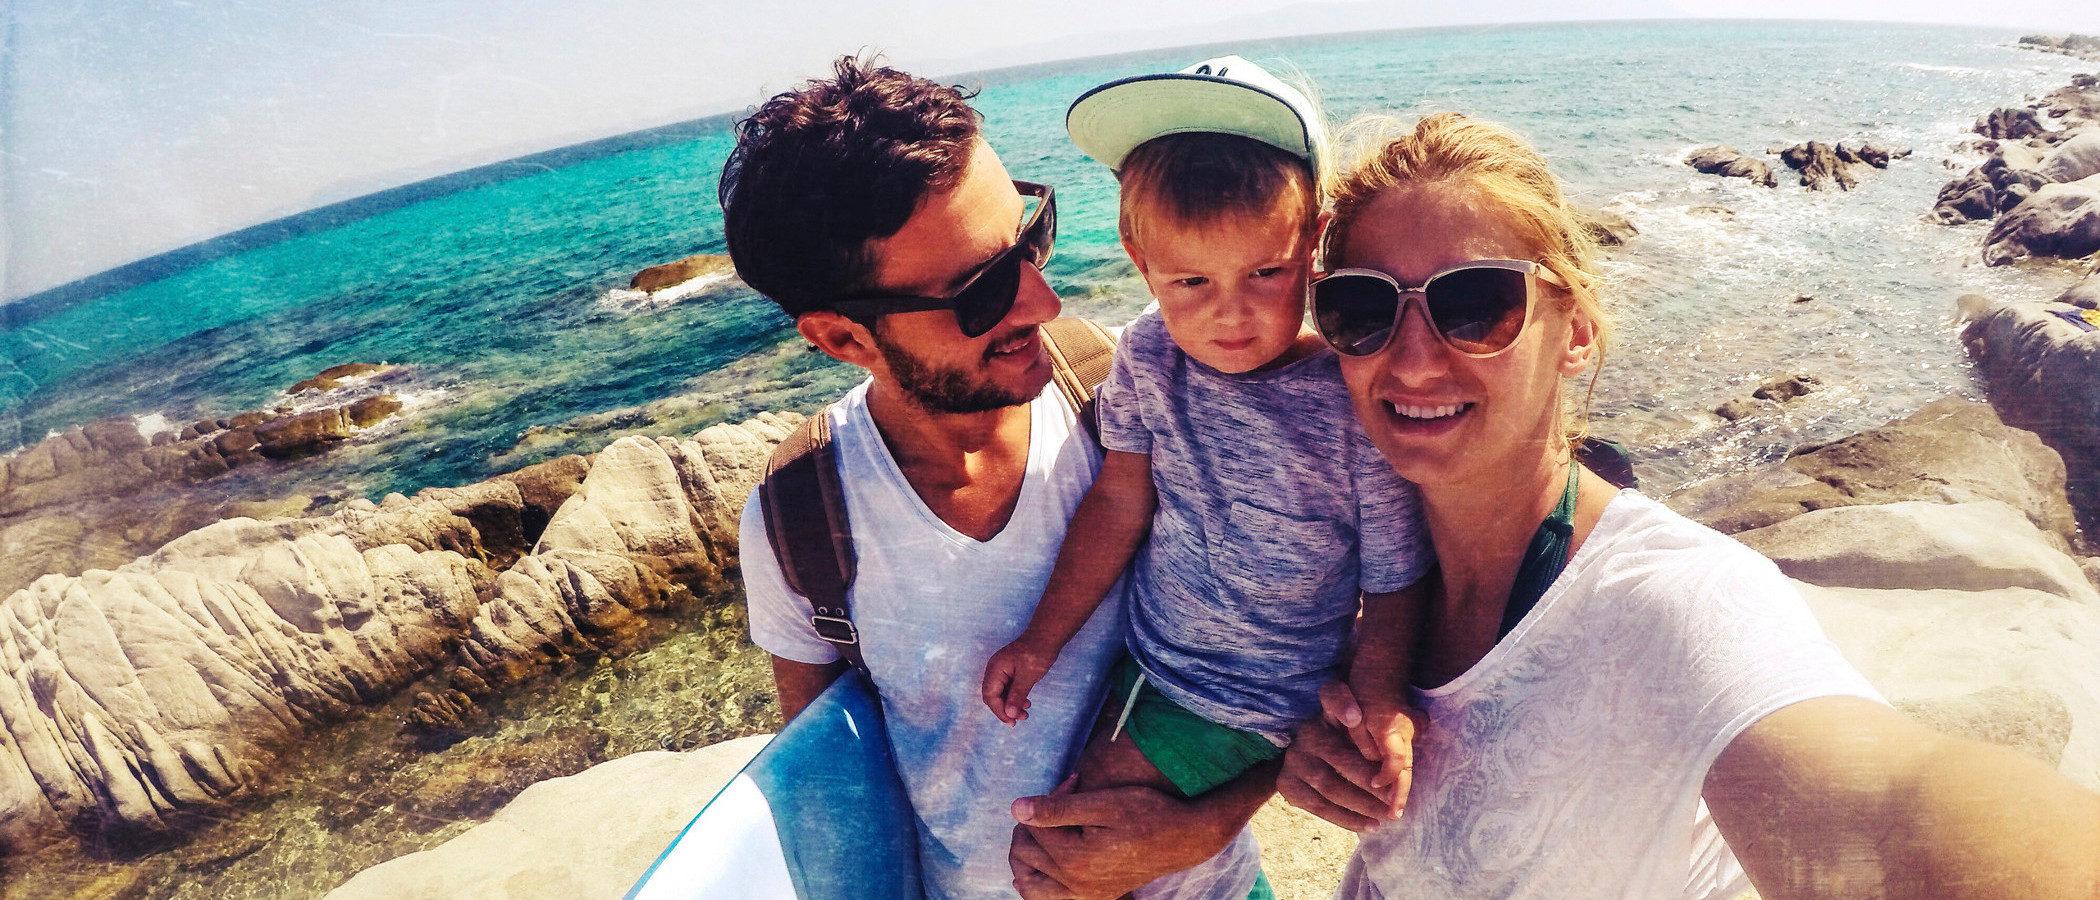 Vacaciones low cost para toda la familia, ¿qué opciones tenemos?